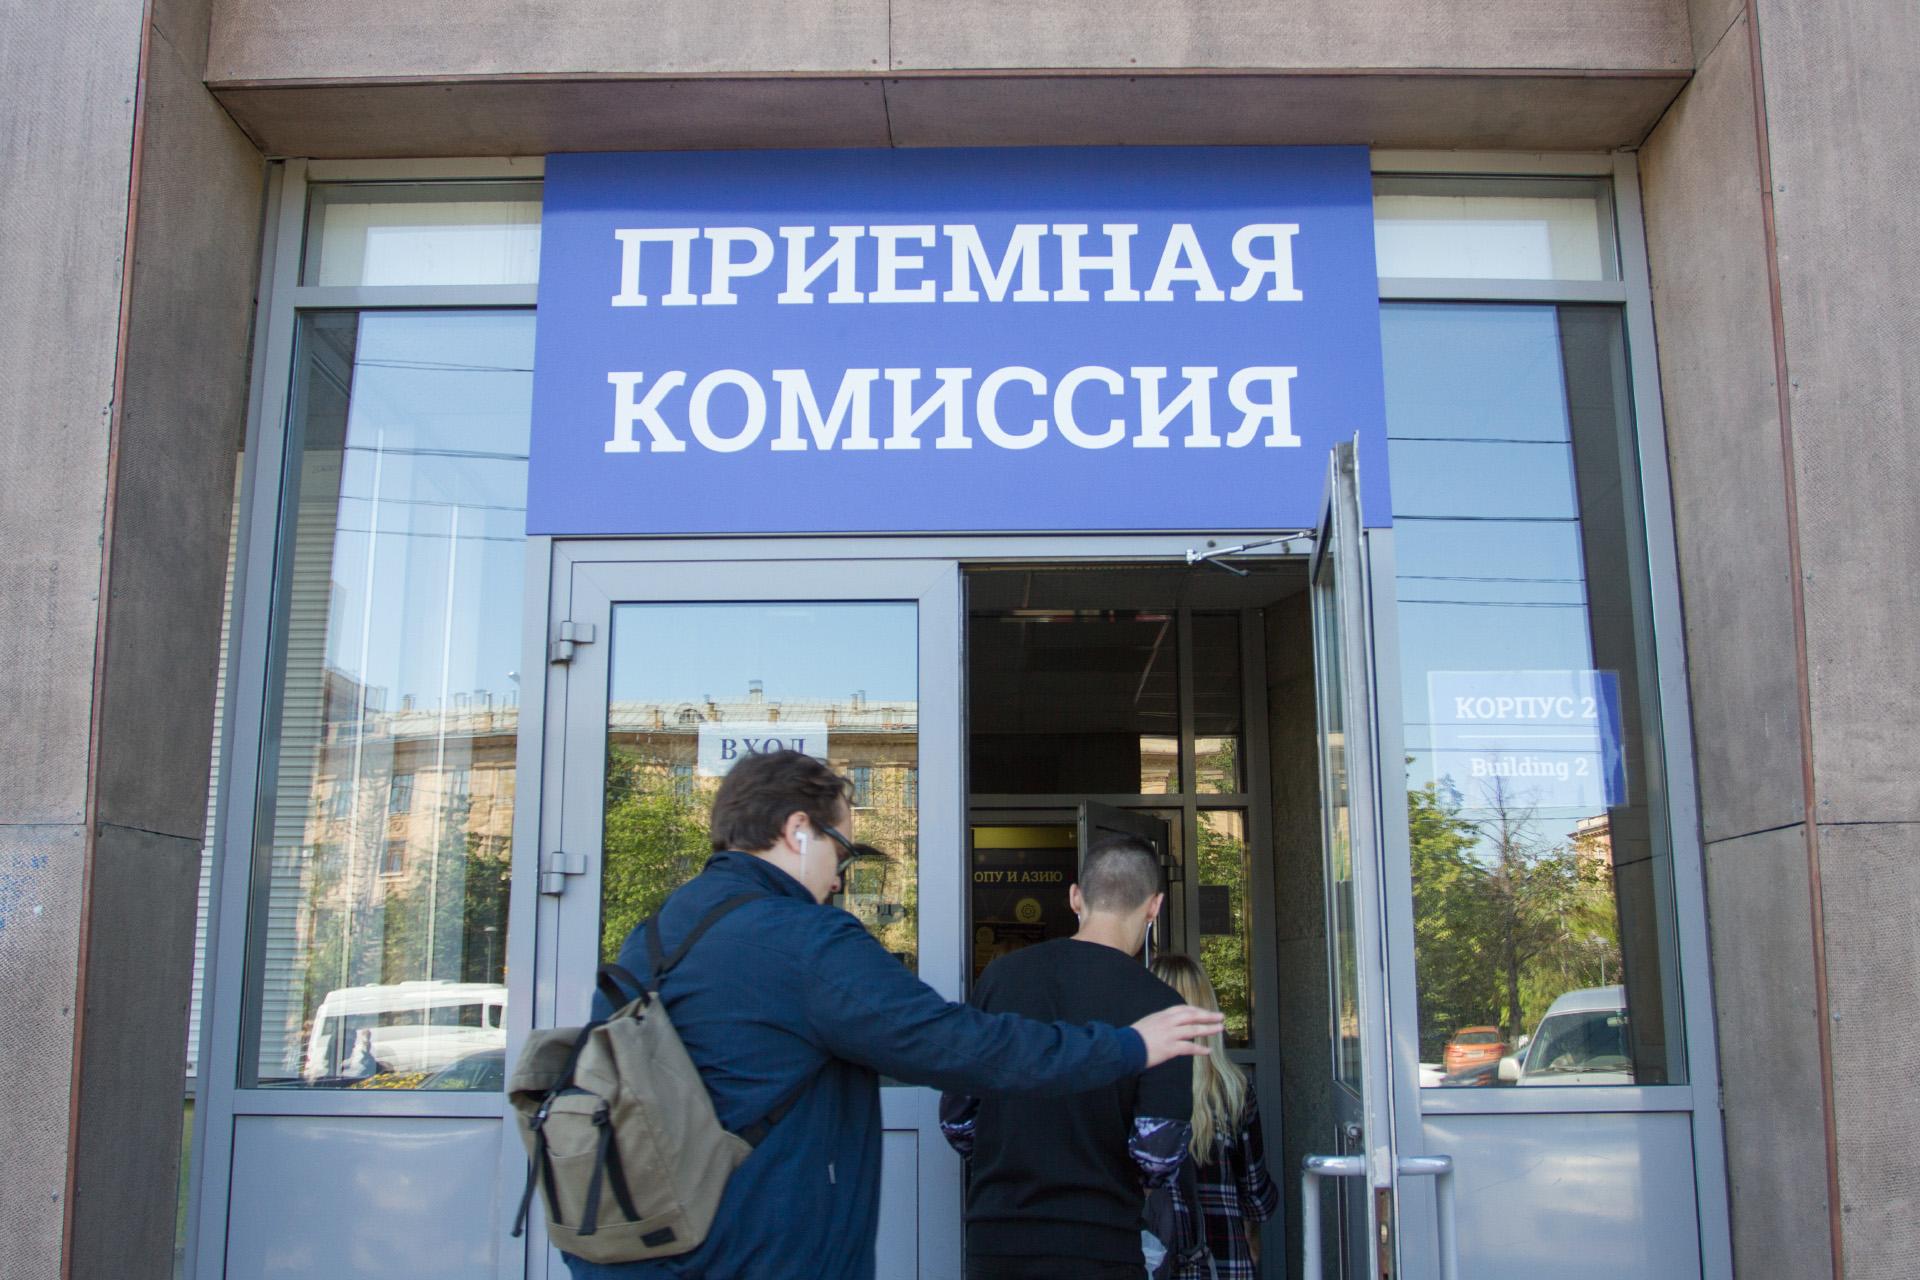 За обучение в вузах придётся платить от 100 до 190 тысяч рублей ежегодно